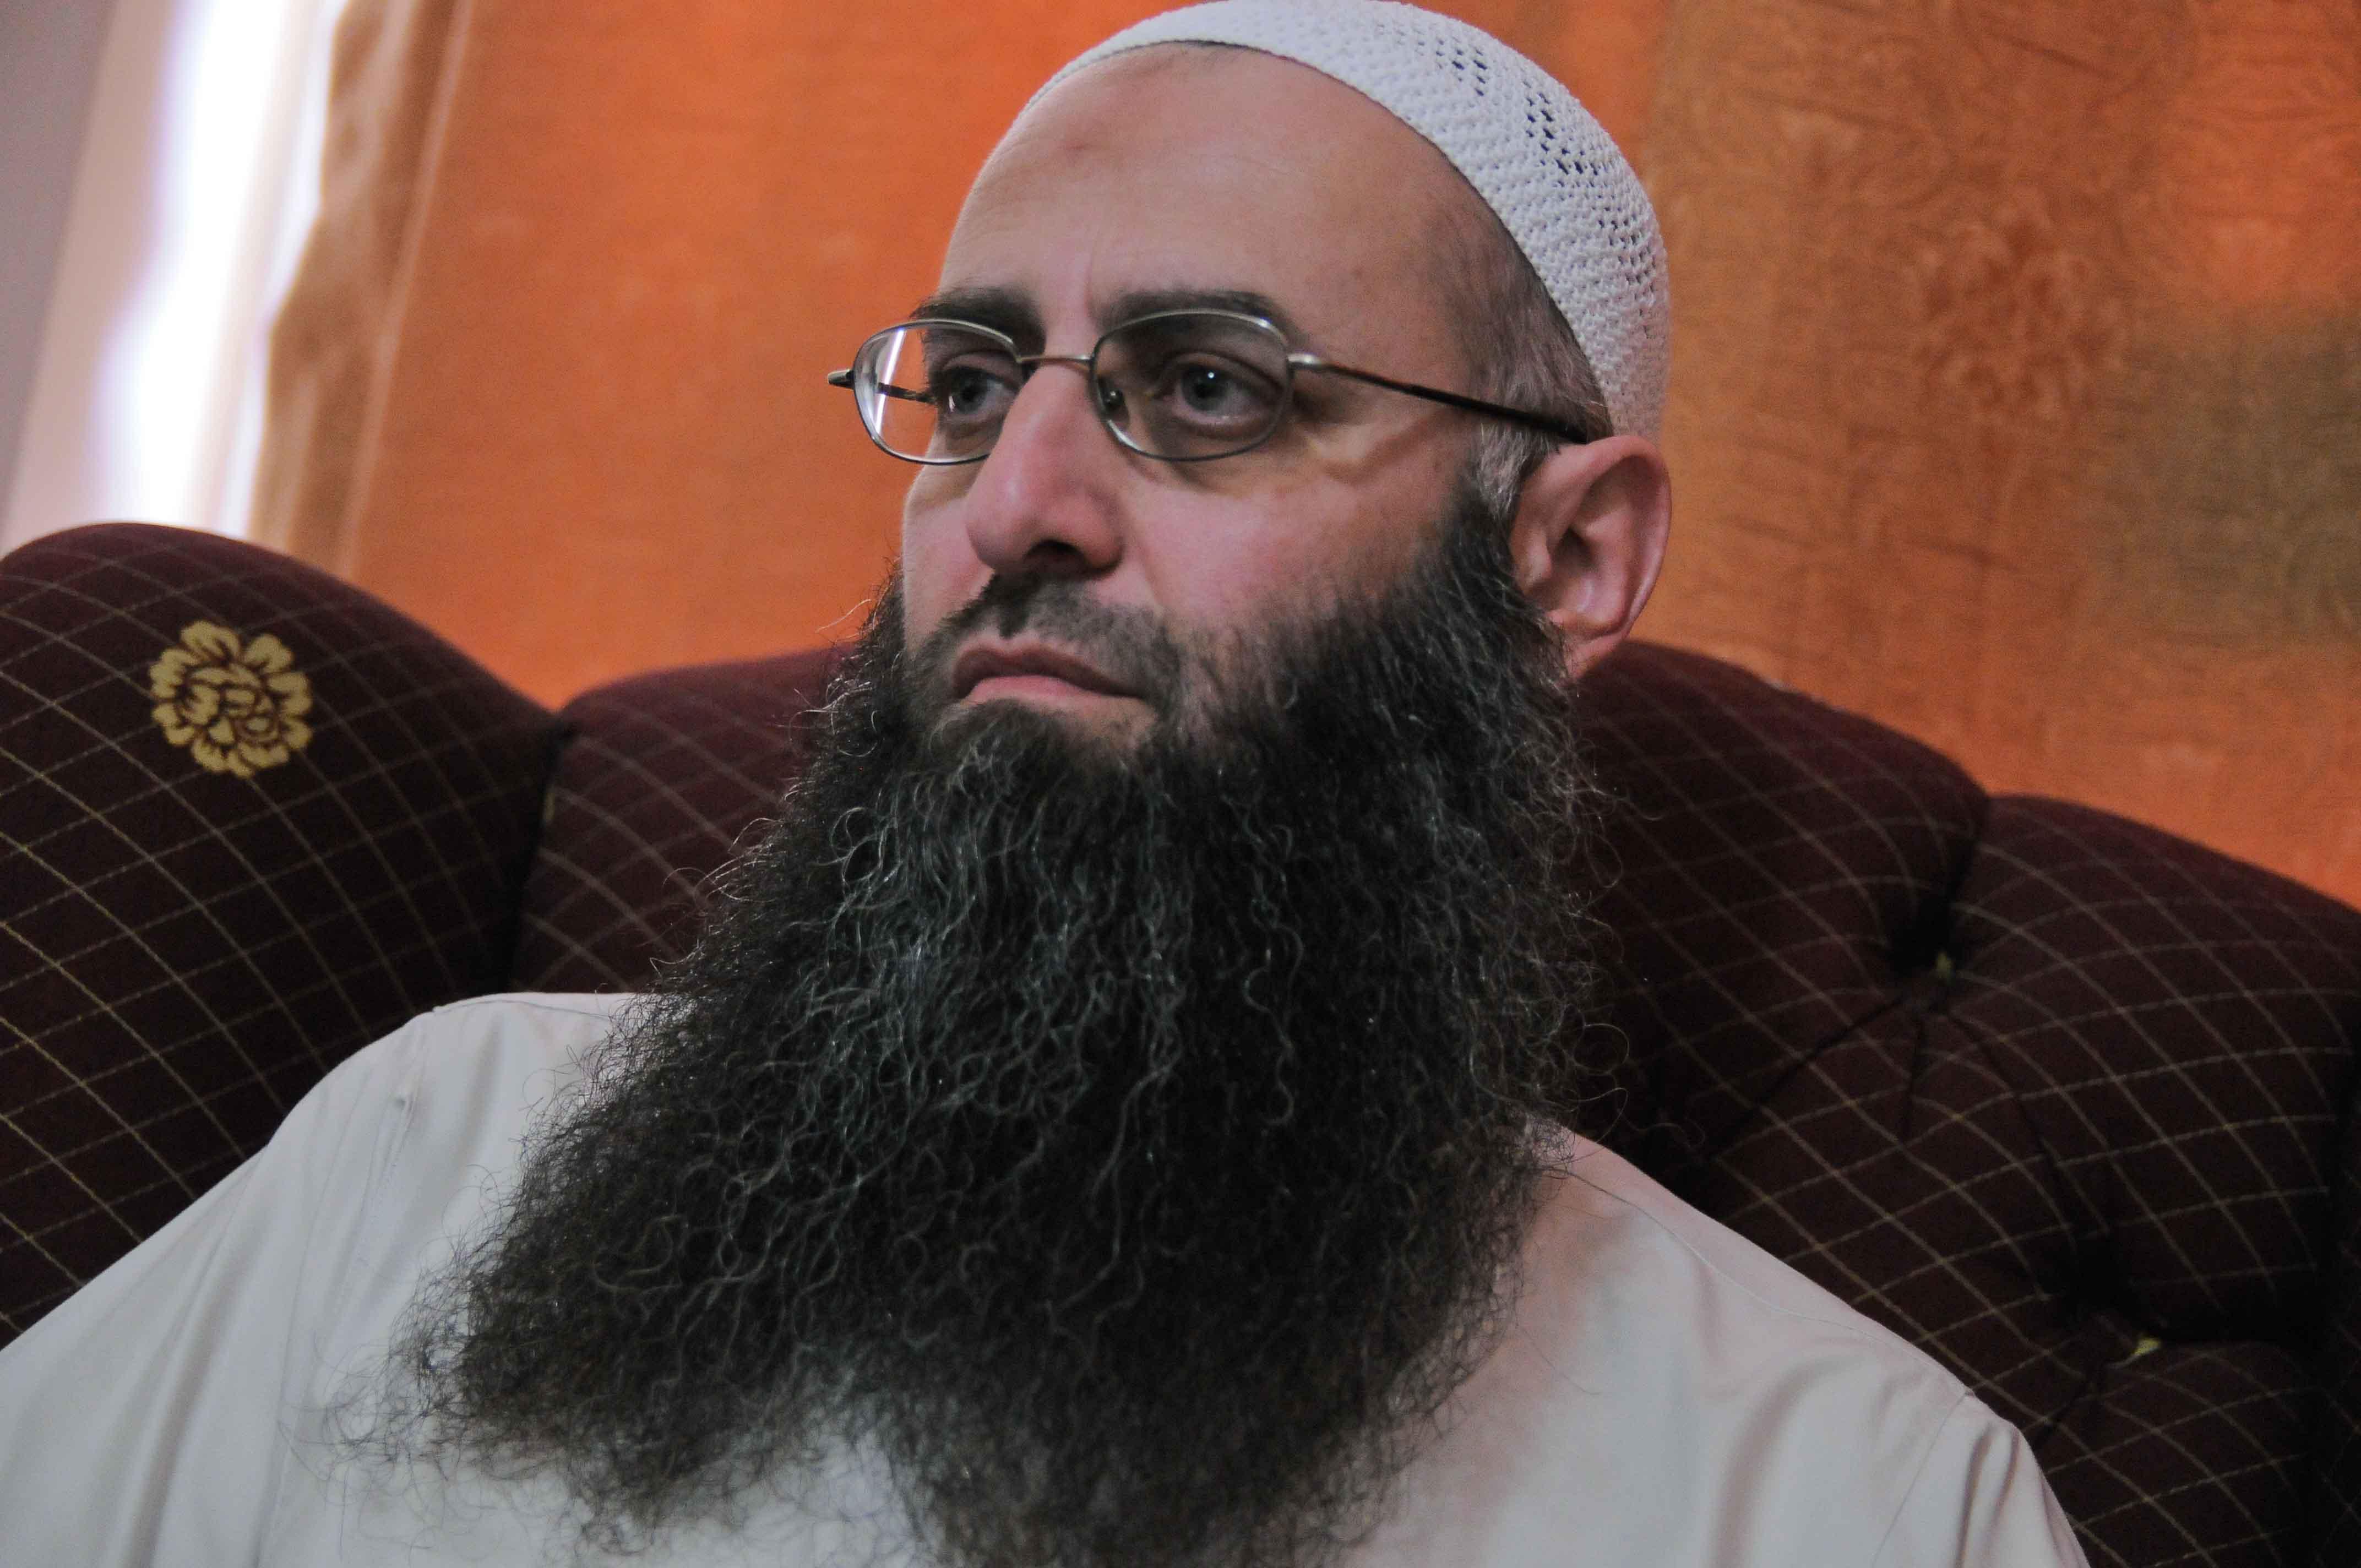 Lebanon arrests fugitive cleric Ahmad al-Assir